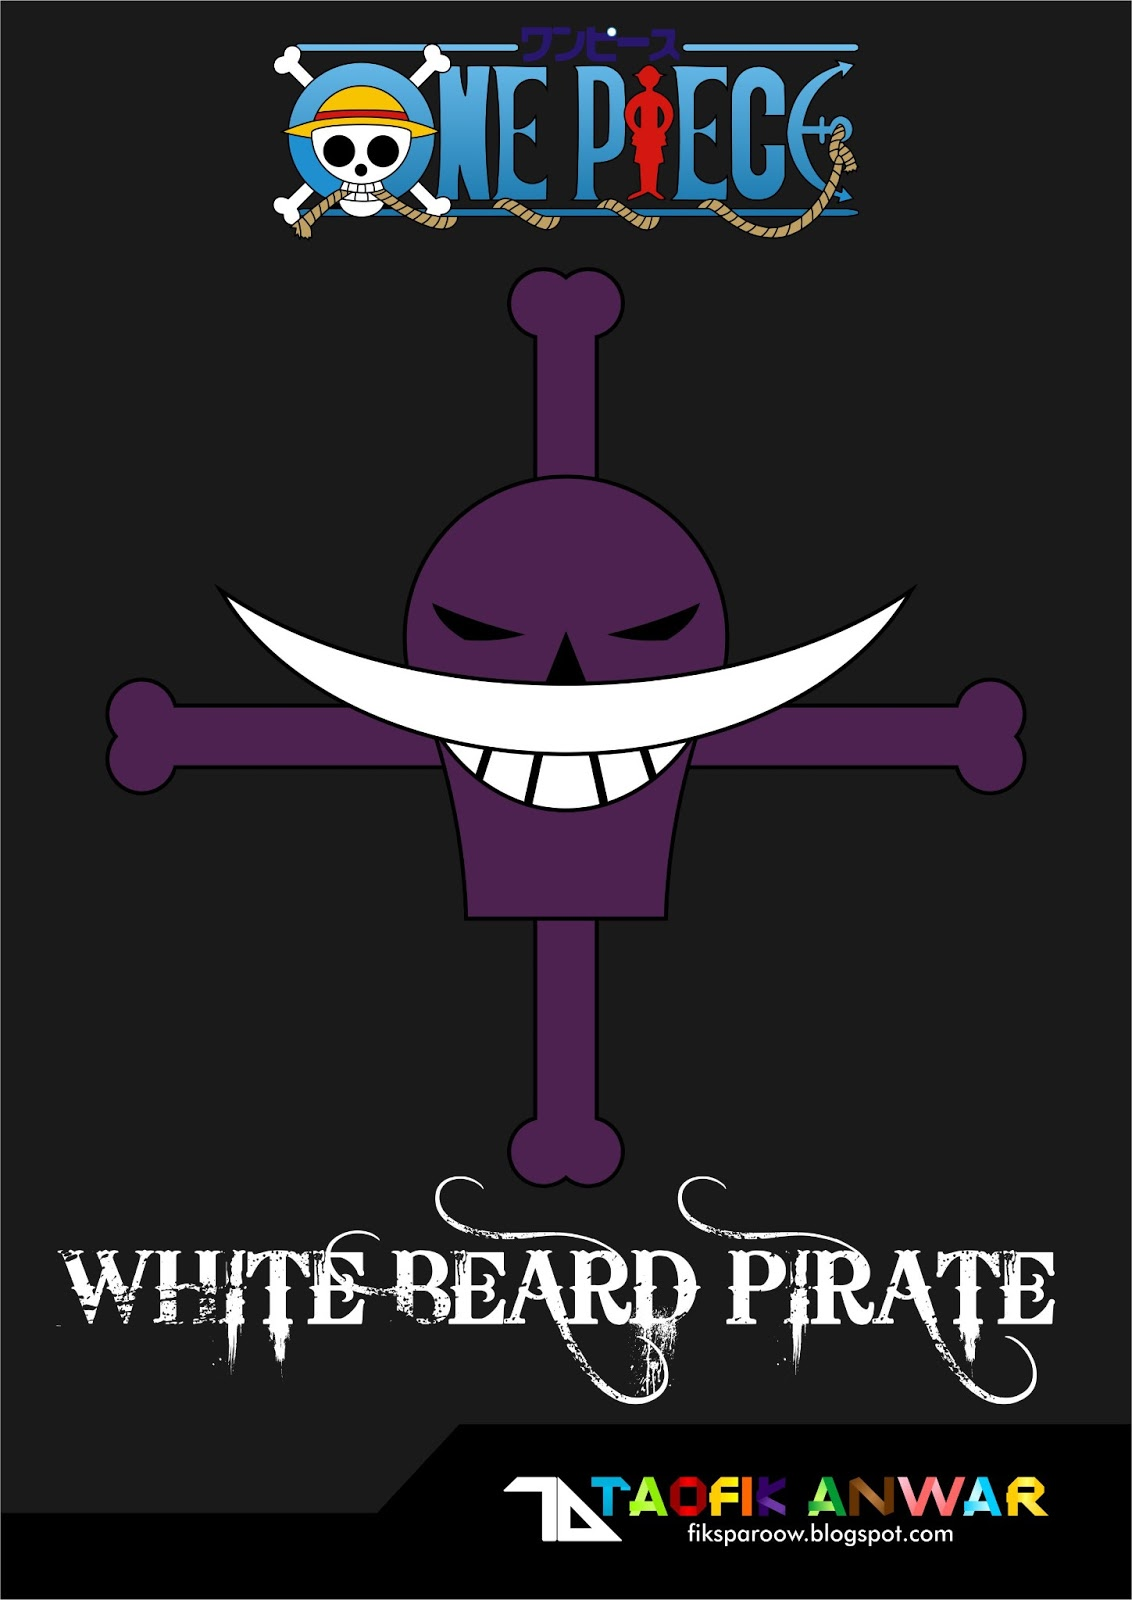 Whitebeard pirates logo - photo#45